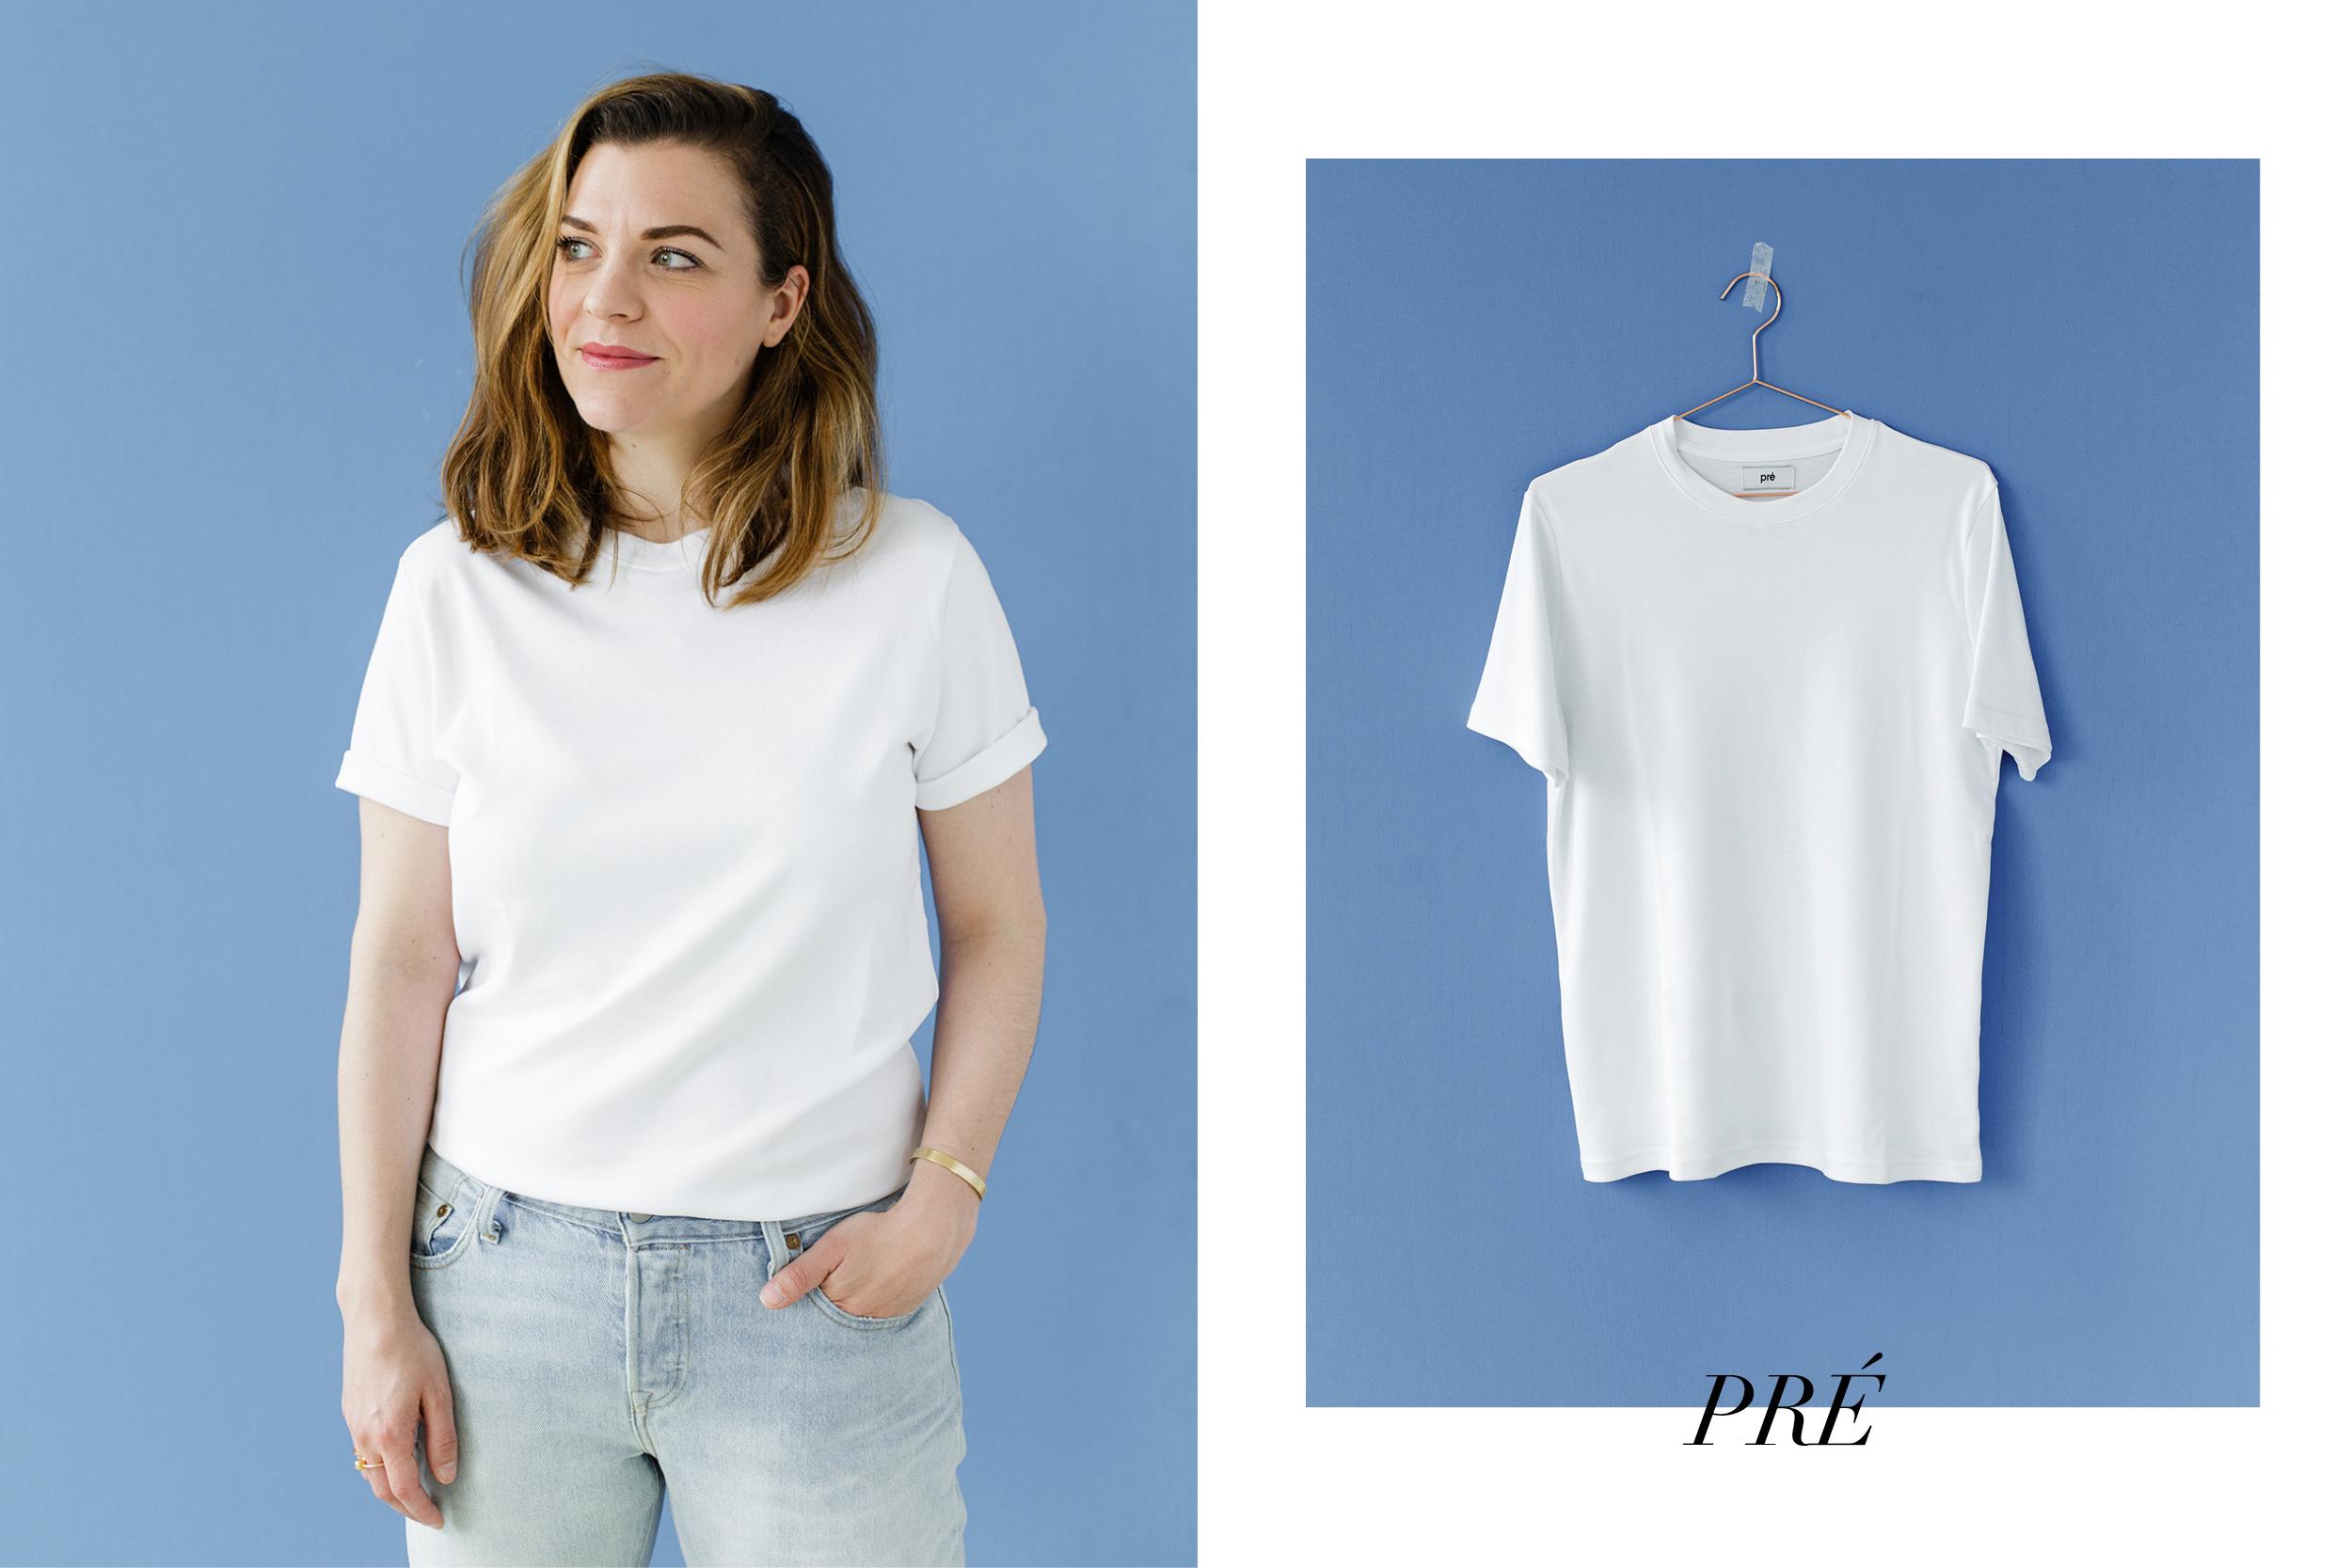 87459e71333930 Note: Pré kommt aus Berlin, hat eine tolle Philosophie und eine  transparente Herstellung. Der lockere Schnitt des T-Shirts, übrigens  unisex, passt perfekt ...